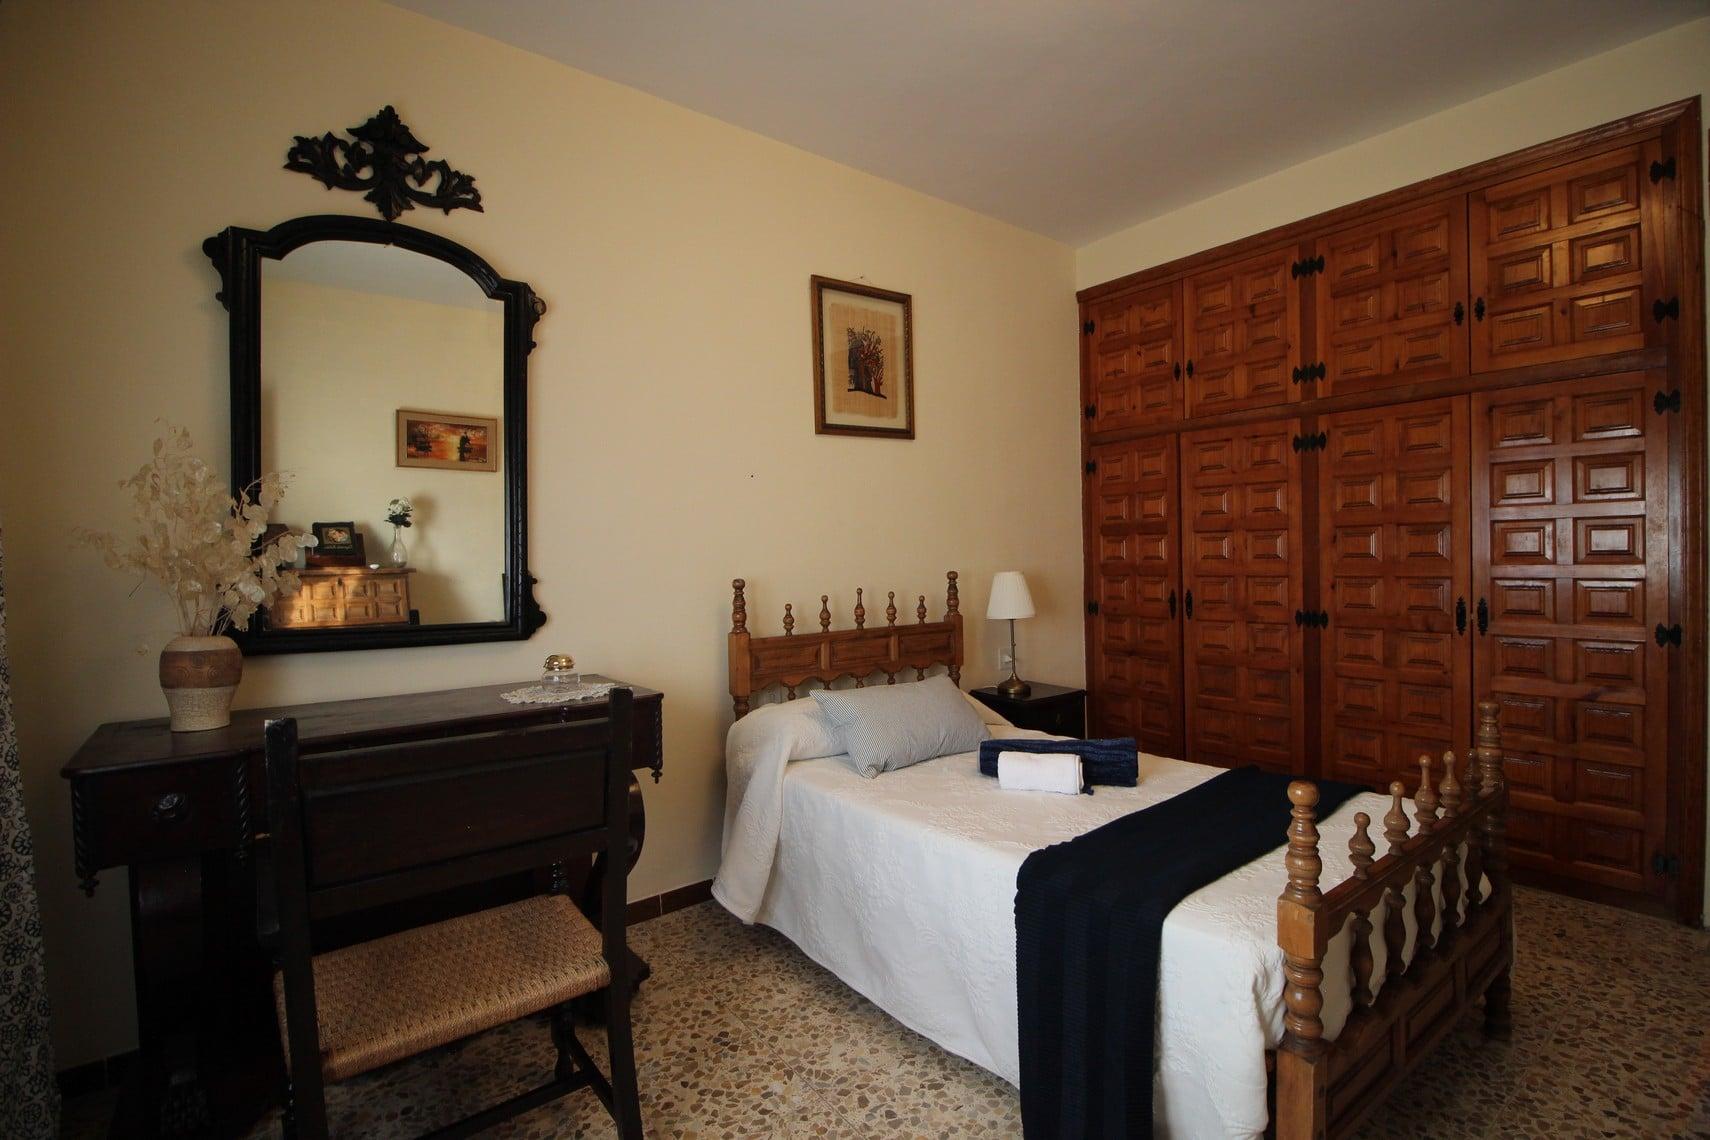 habitación1_las_hazas jarandilla002